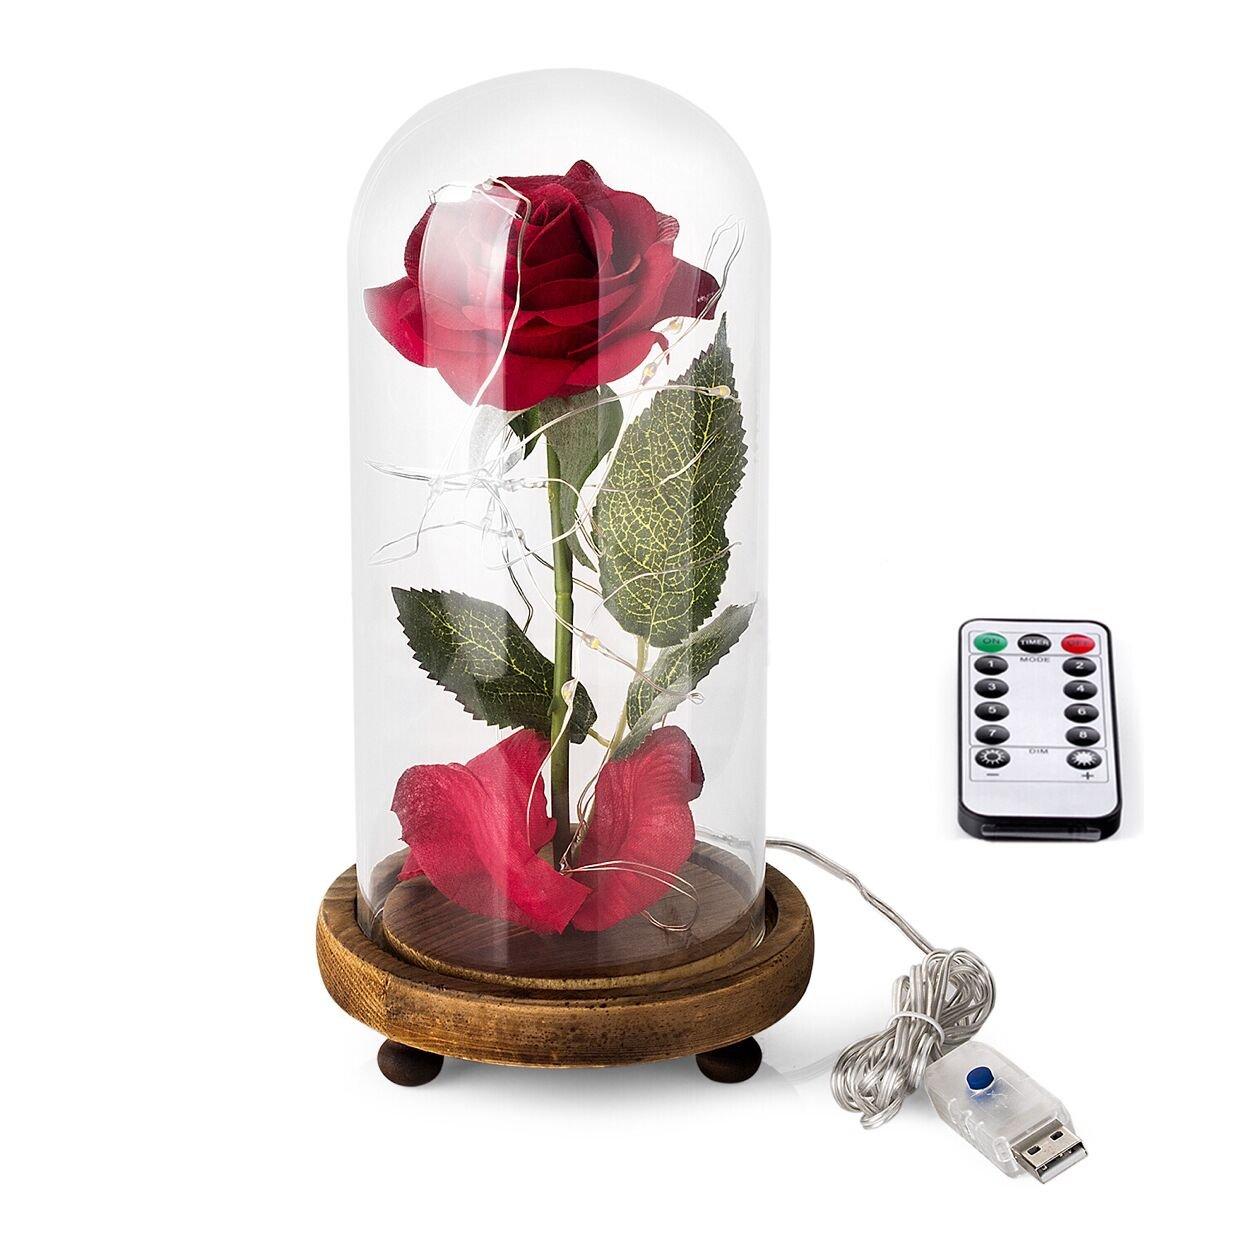 Rose en Soie Rouge et Lumi/ère LED avec P/étales tomb/és dans une coupole en verre sur socle en bois pour la d/écoration int/érieure Anniversaire Mariage F/ête des M/ères La Belle et la B/ête Kit de Rose